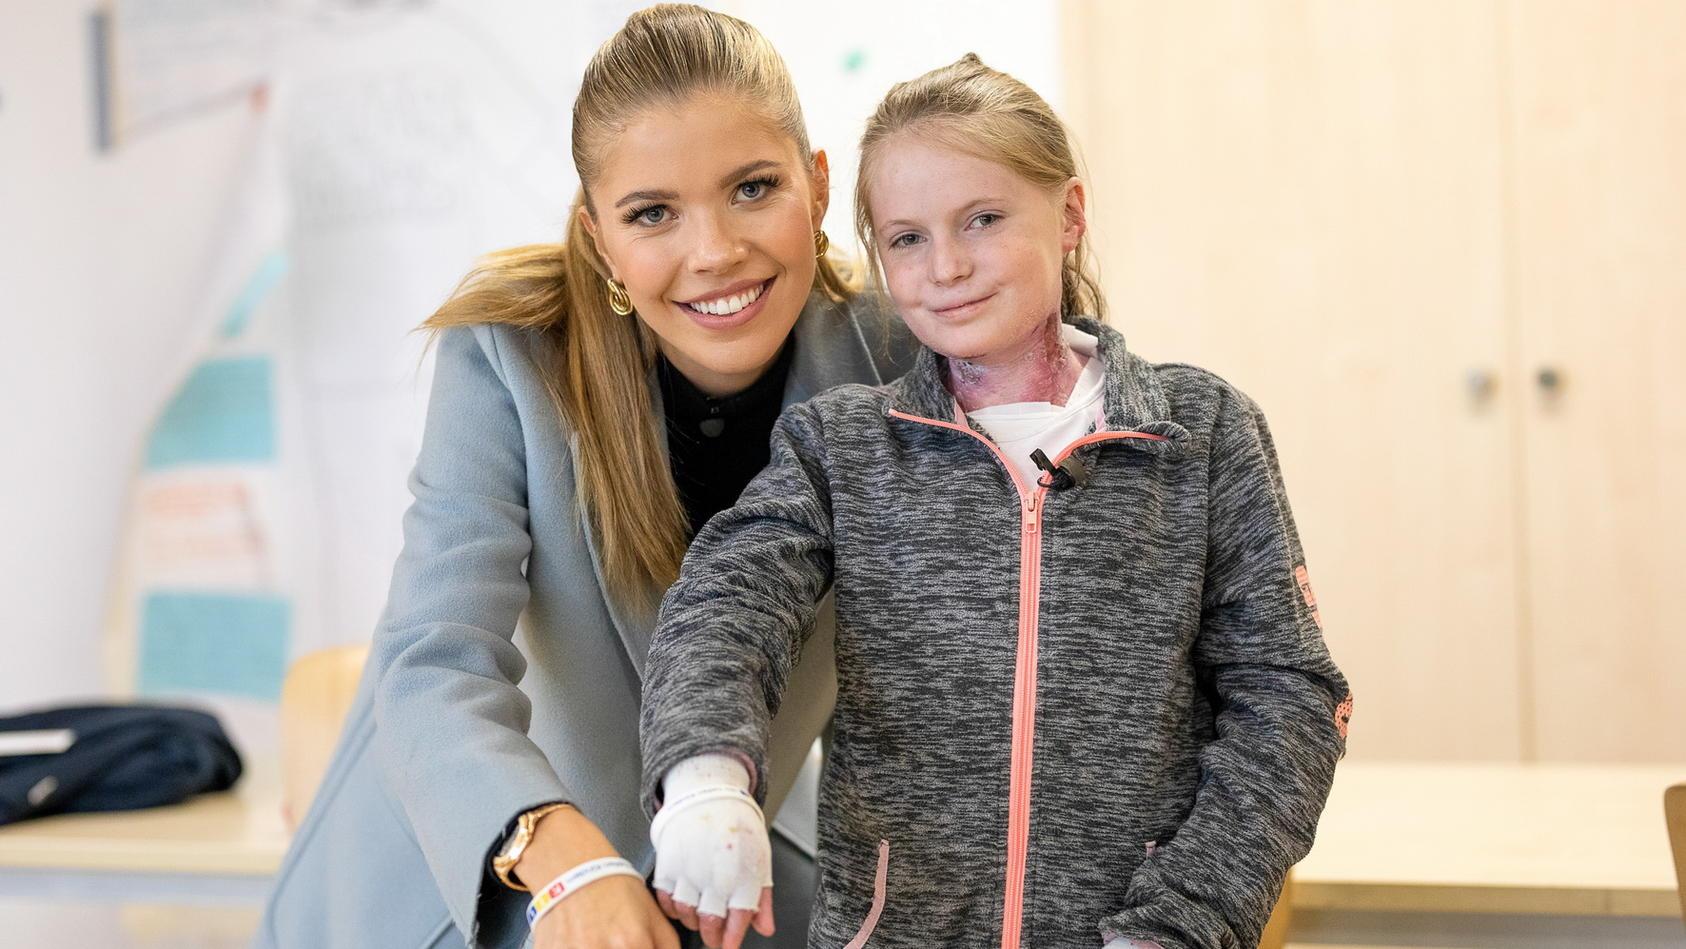 Einen Tag verbringt Victoria Swarovksi an der Seite von Evi. Die 13-Jährige ist ein sogenanntes Schmetterlingskind und leidet seit ihrer Geburt an der genetisch bedingten Hautkrankheit Epidermolysis Bullosa (EB).